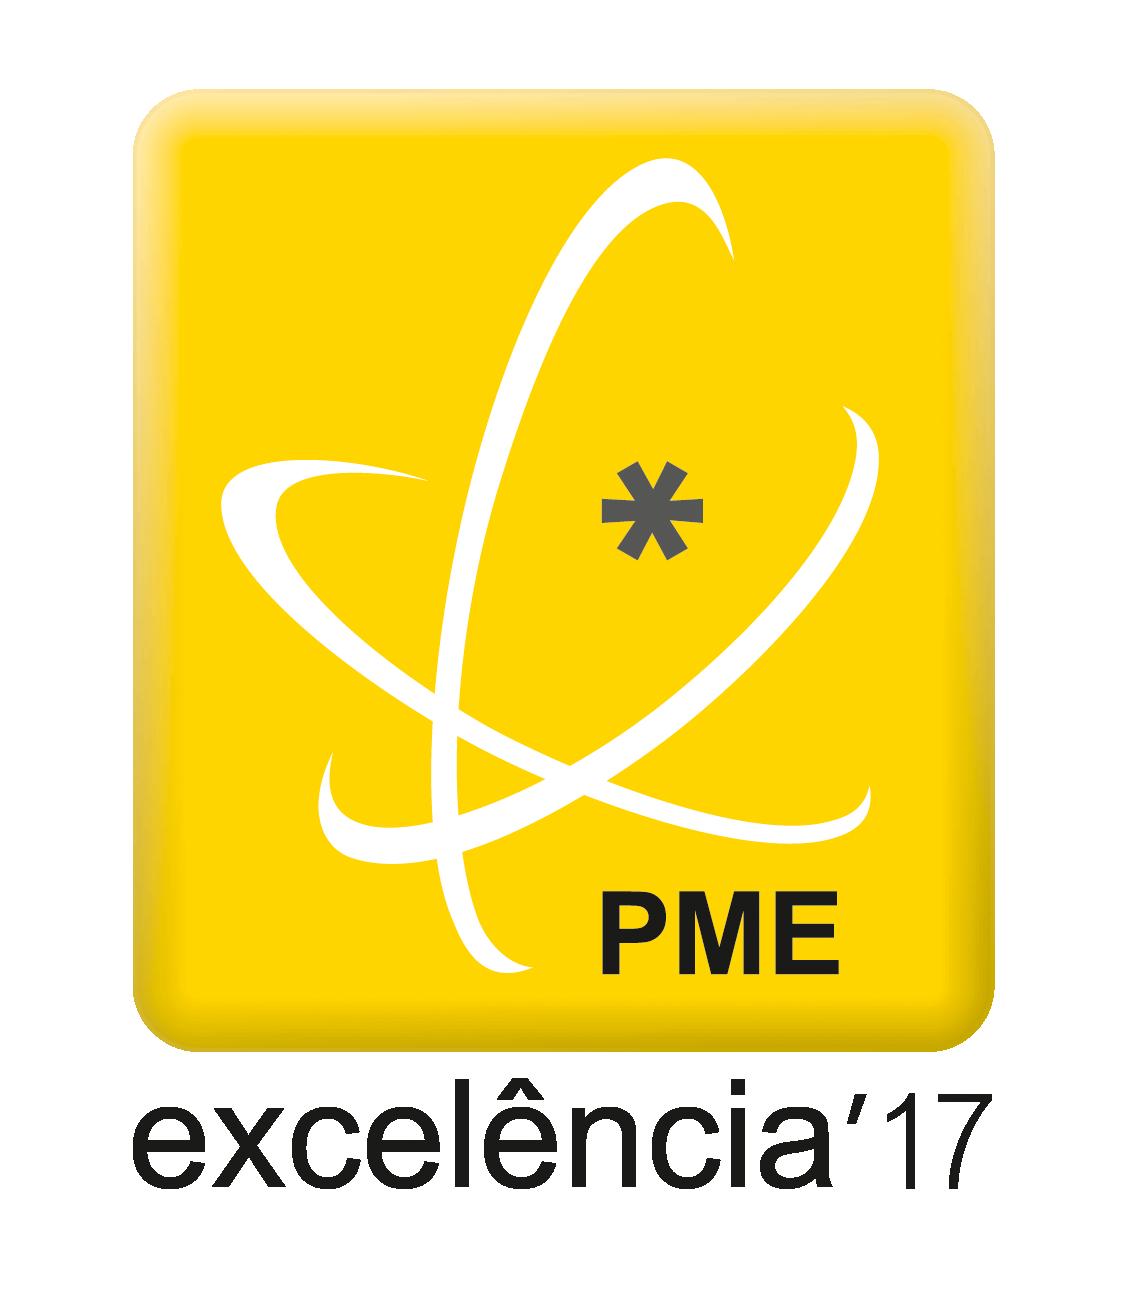 excelencia 2017